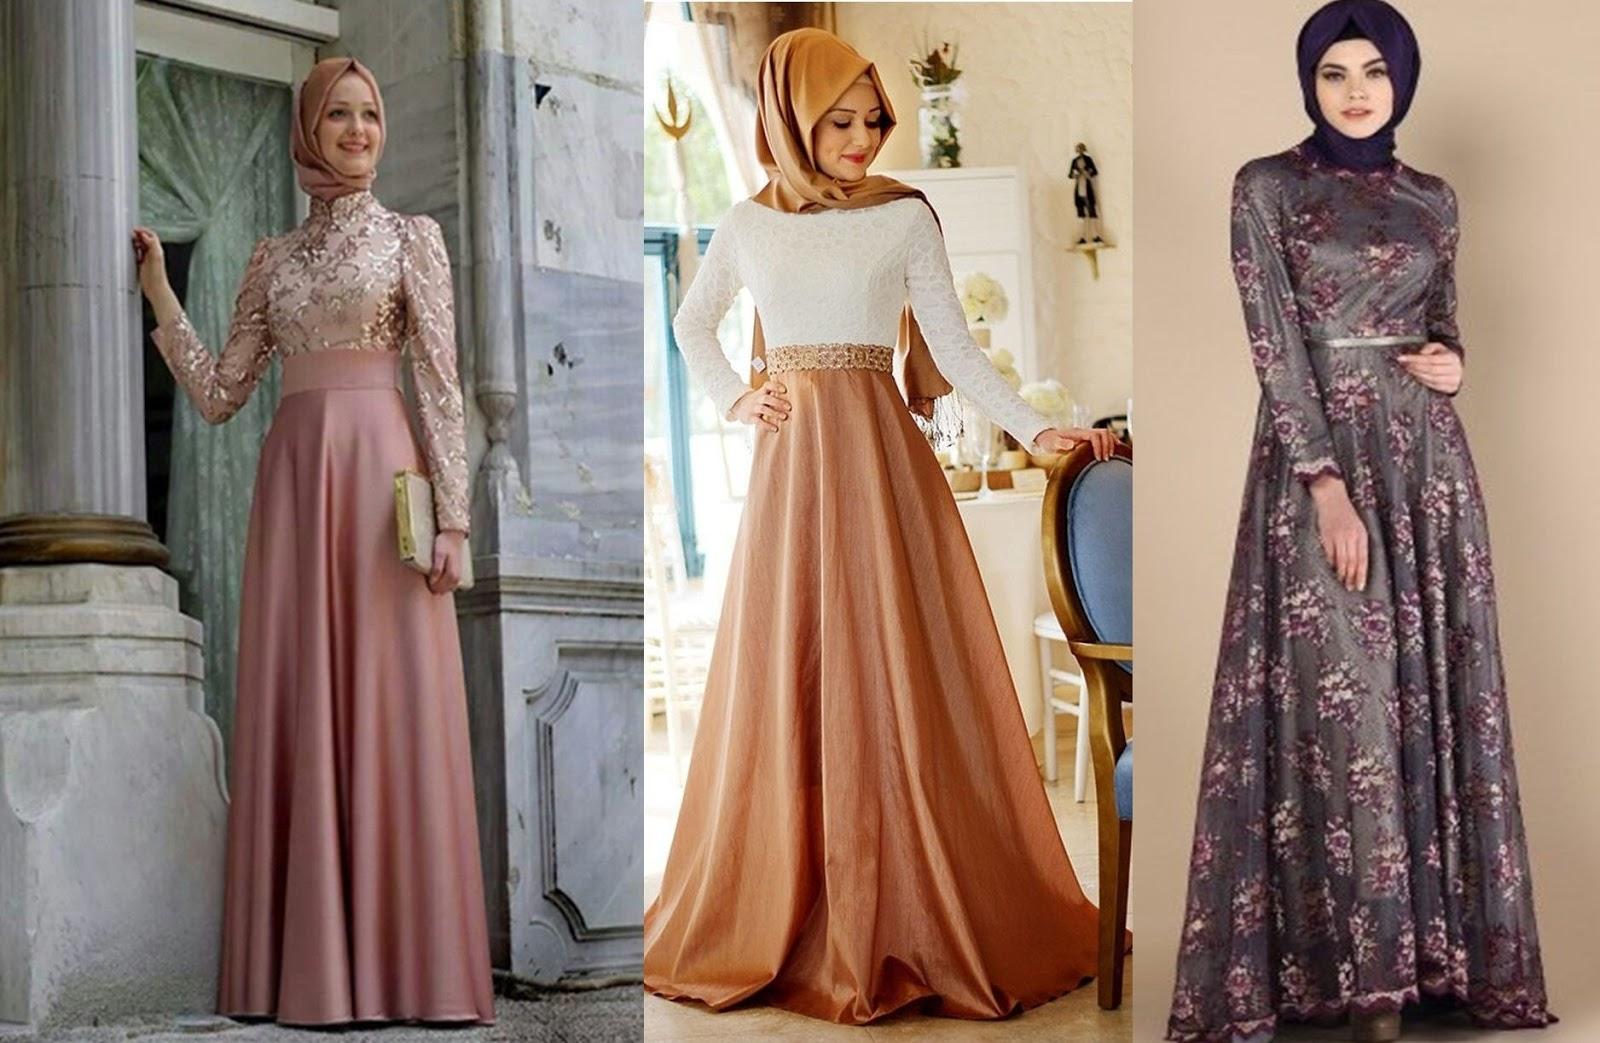 بالصور موديلات جديده , اشيك موديلات ملابس جديدة لكل العائلة 446 2